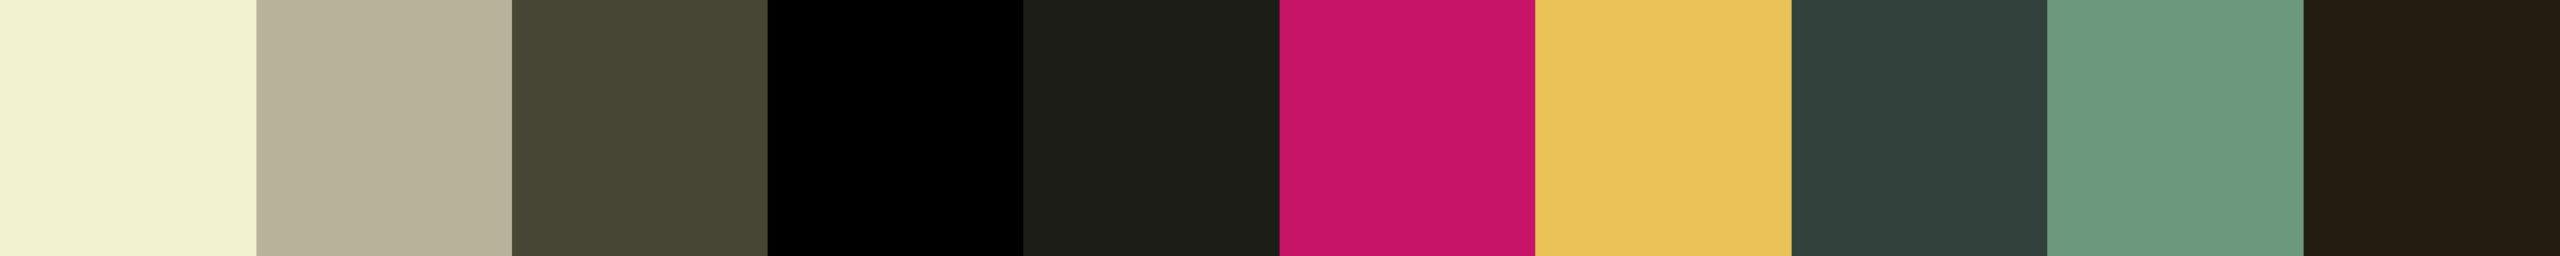 17 Mecebia Color Palette